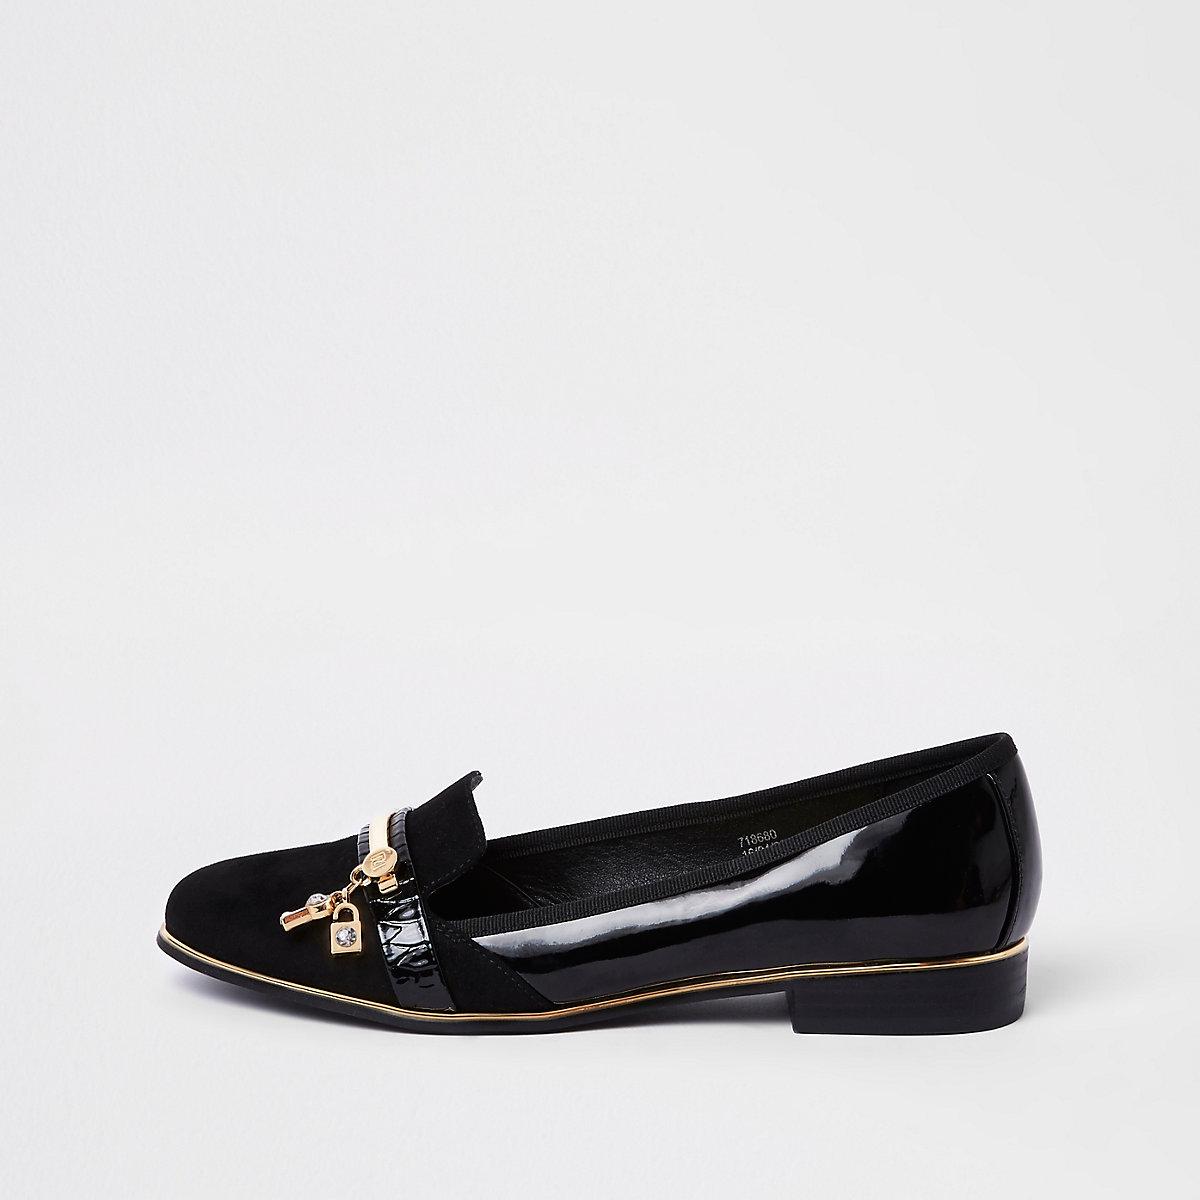 Zwarte lakleren loafers met slot en sleutel